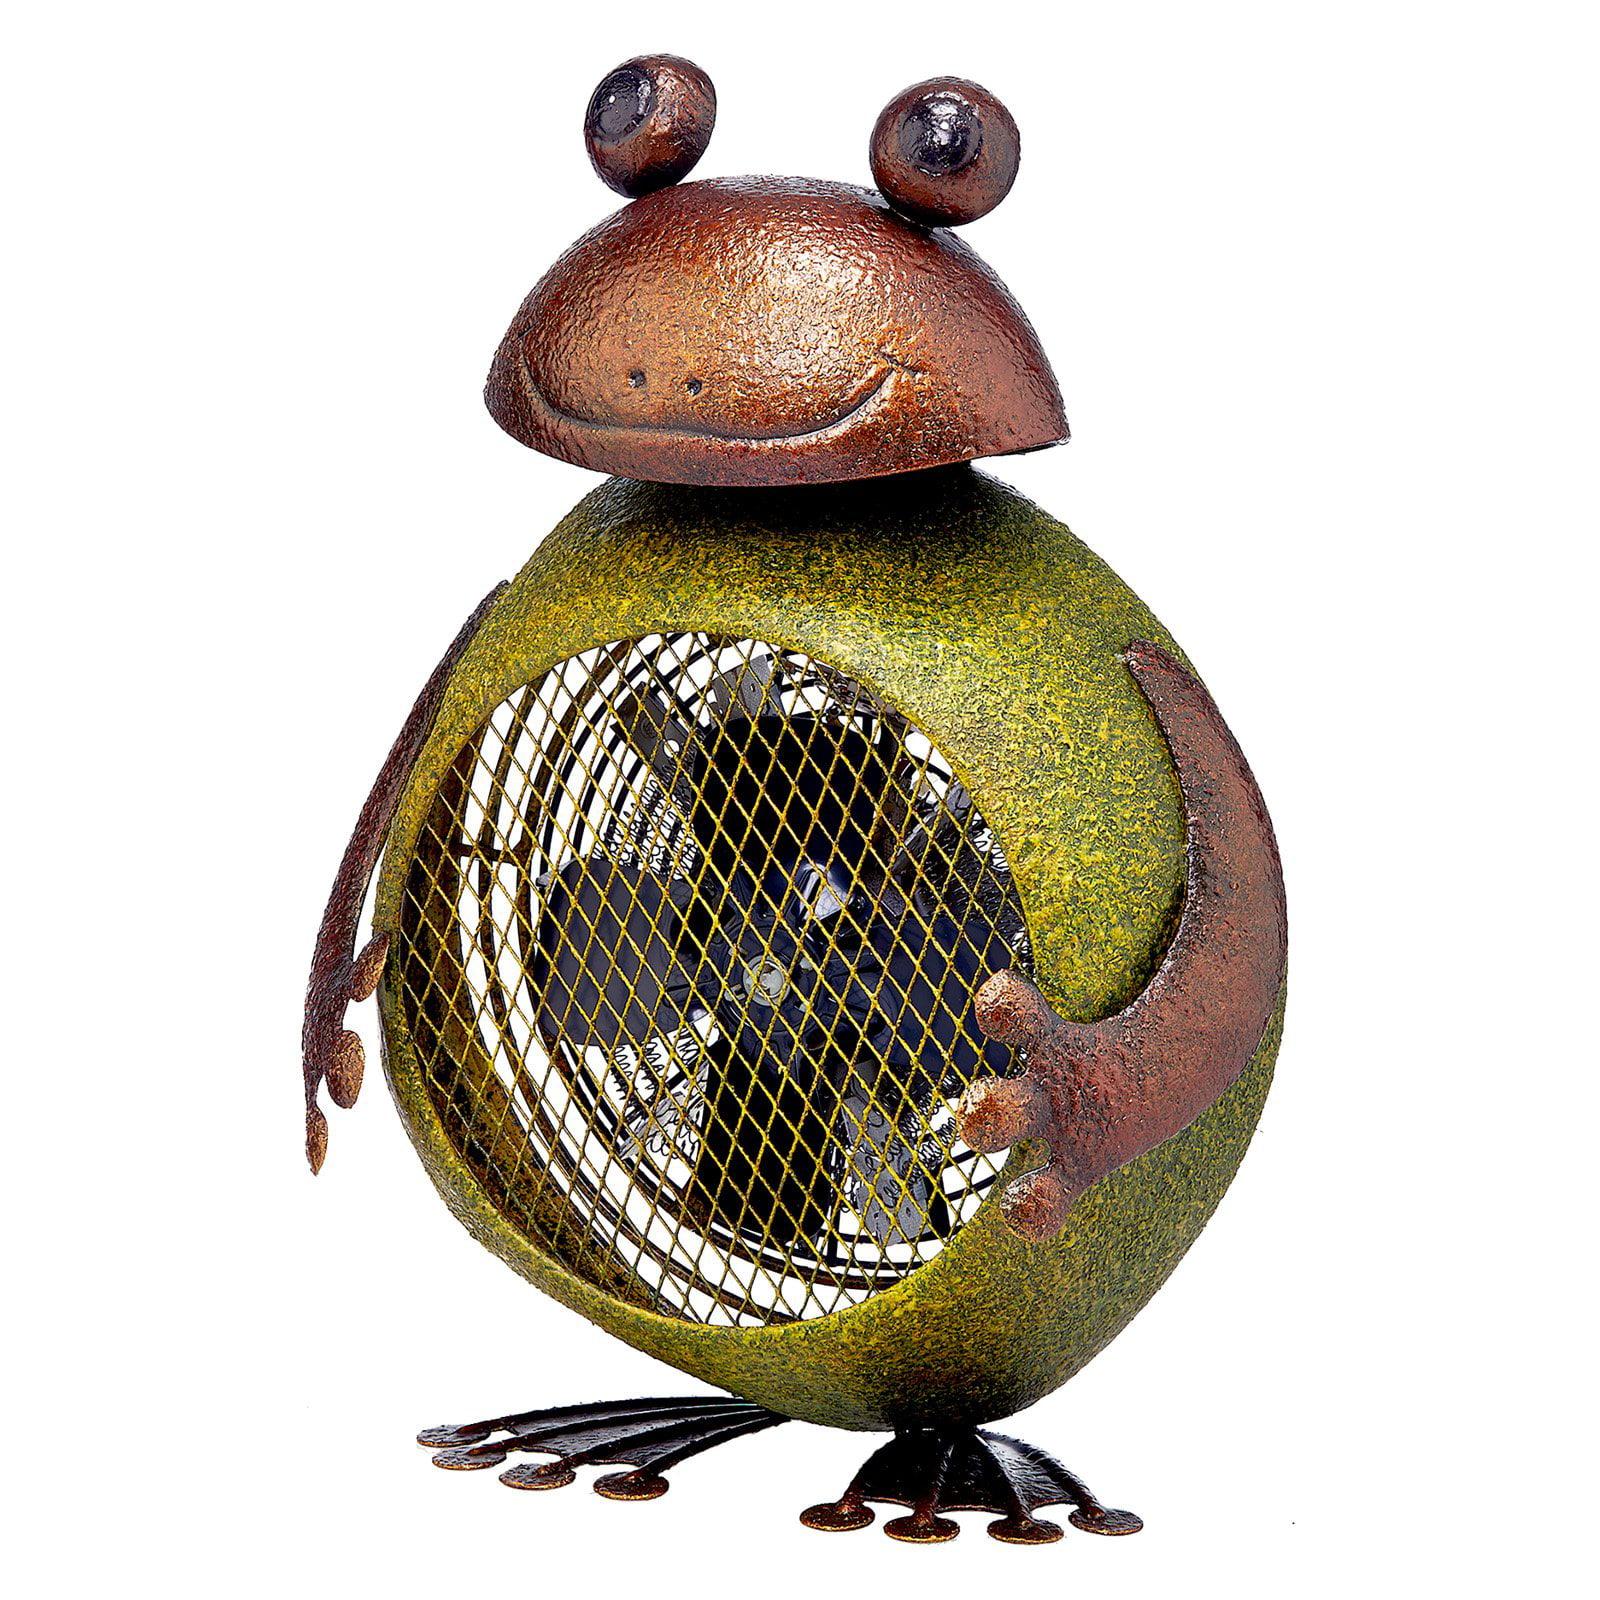 DecoFLAIR Table Fan Two-Speed Space Heater Fan, Frog Figurine Fan